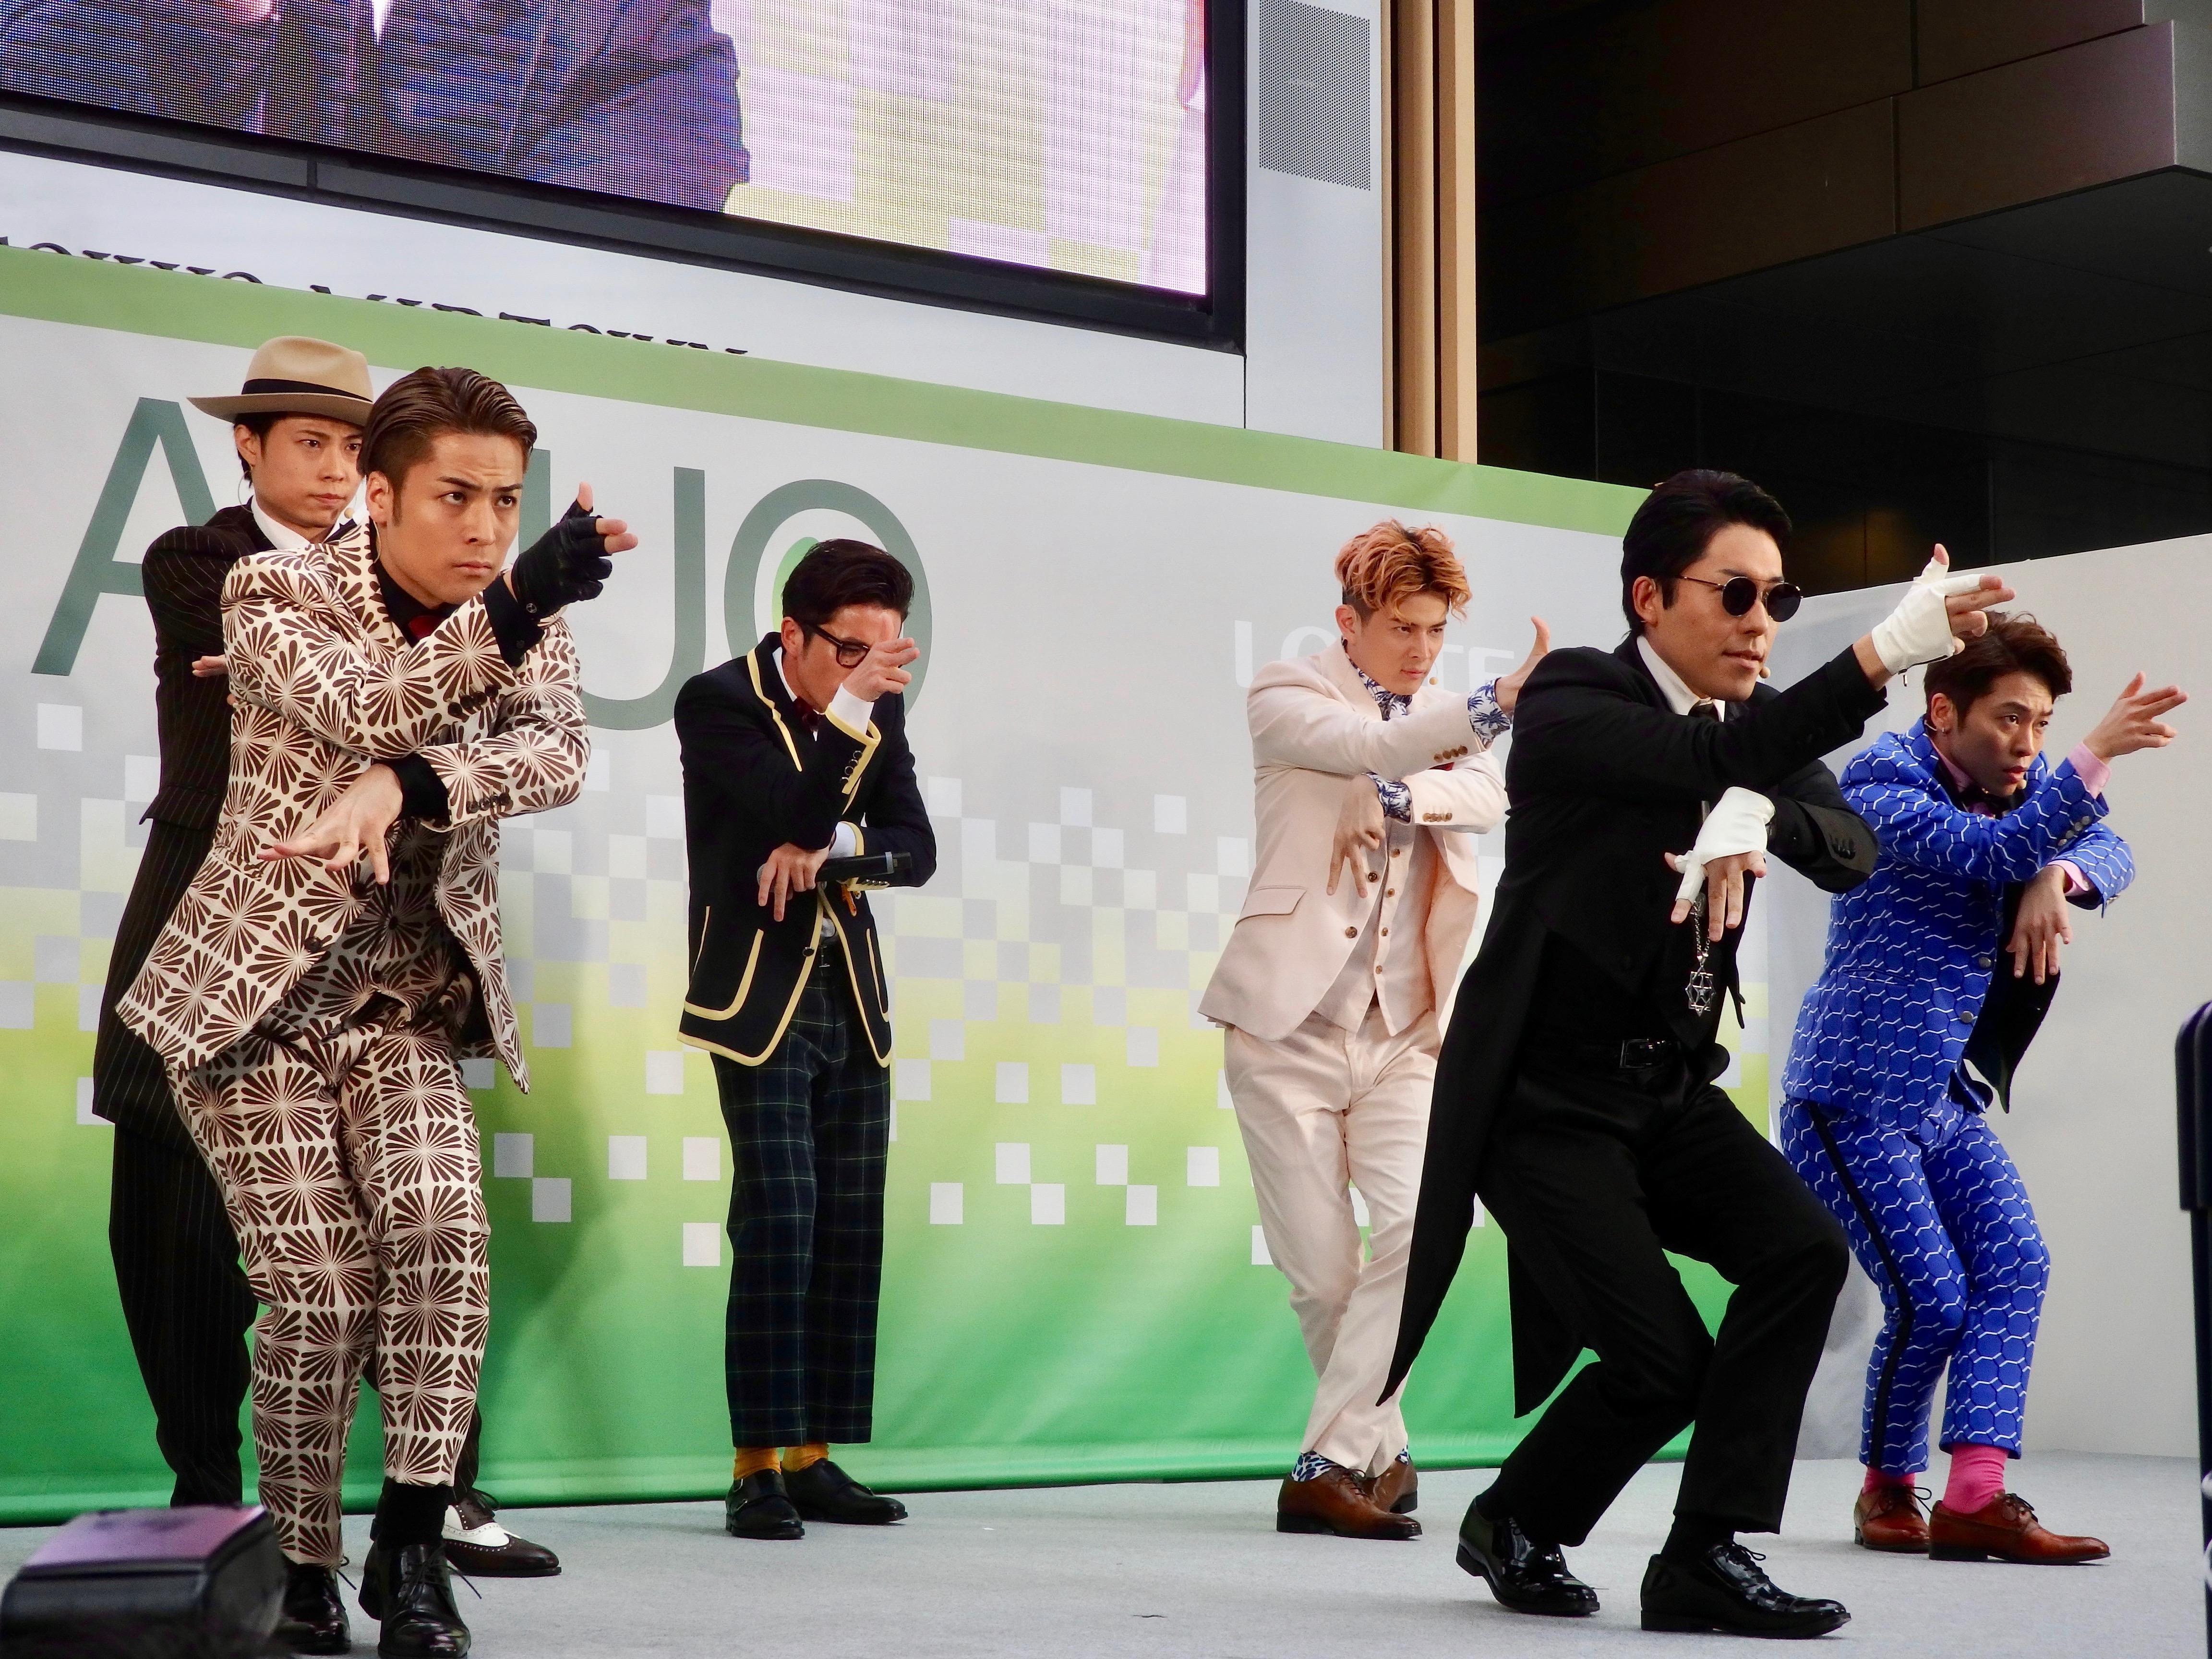 http://news.yoshimoto.co.jp/20170417185412-0df7b737d84ffe45b3158bcef2454033370934db.jpg